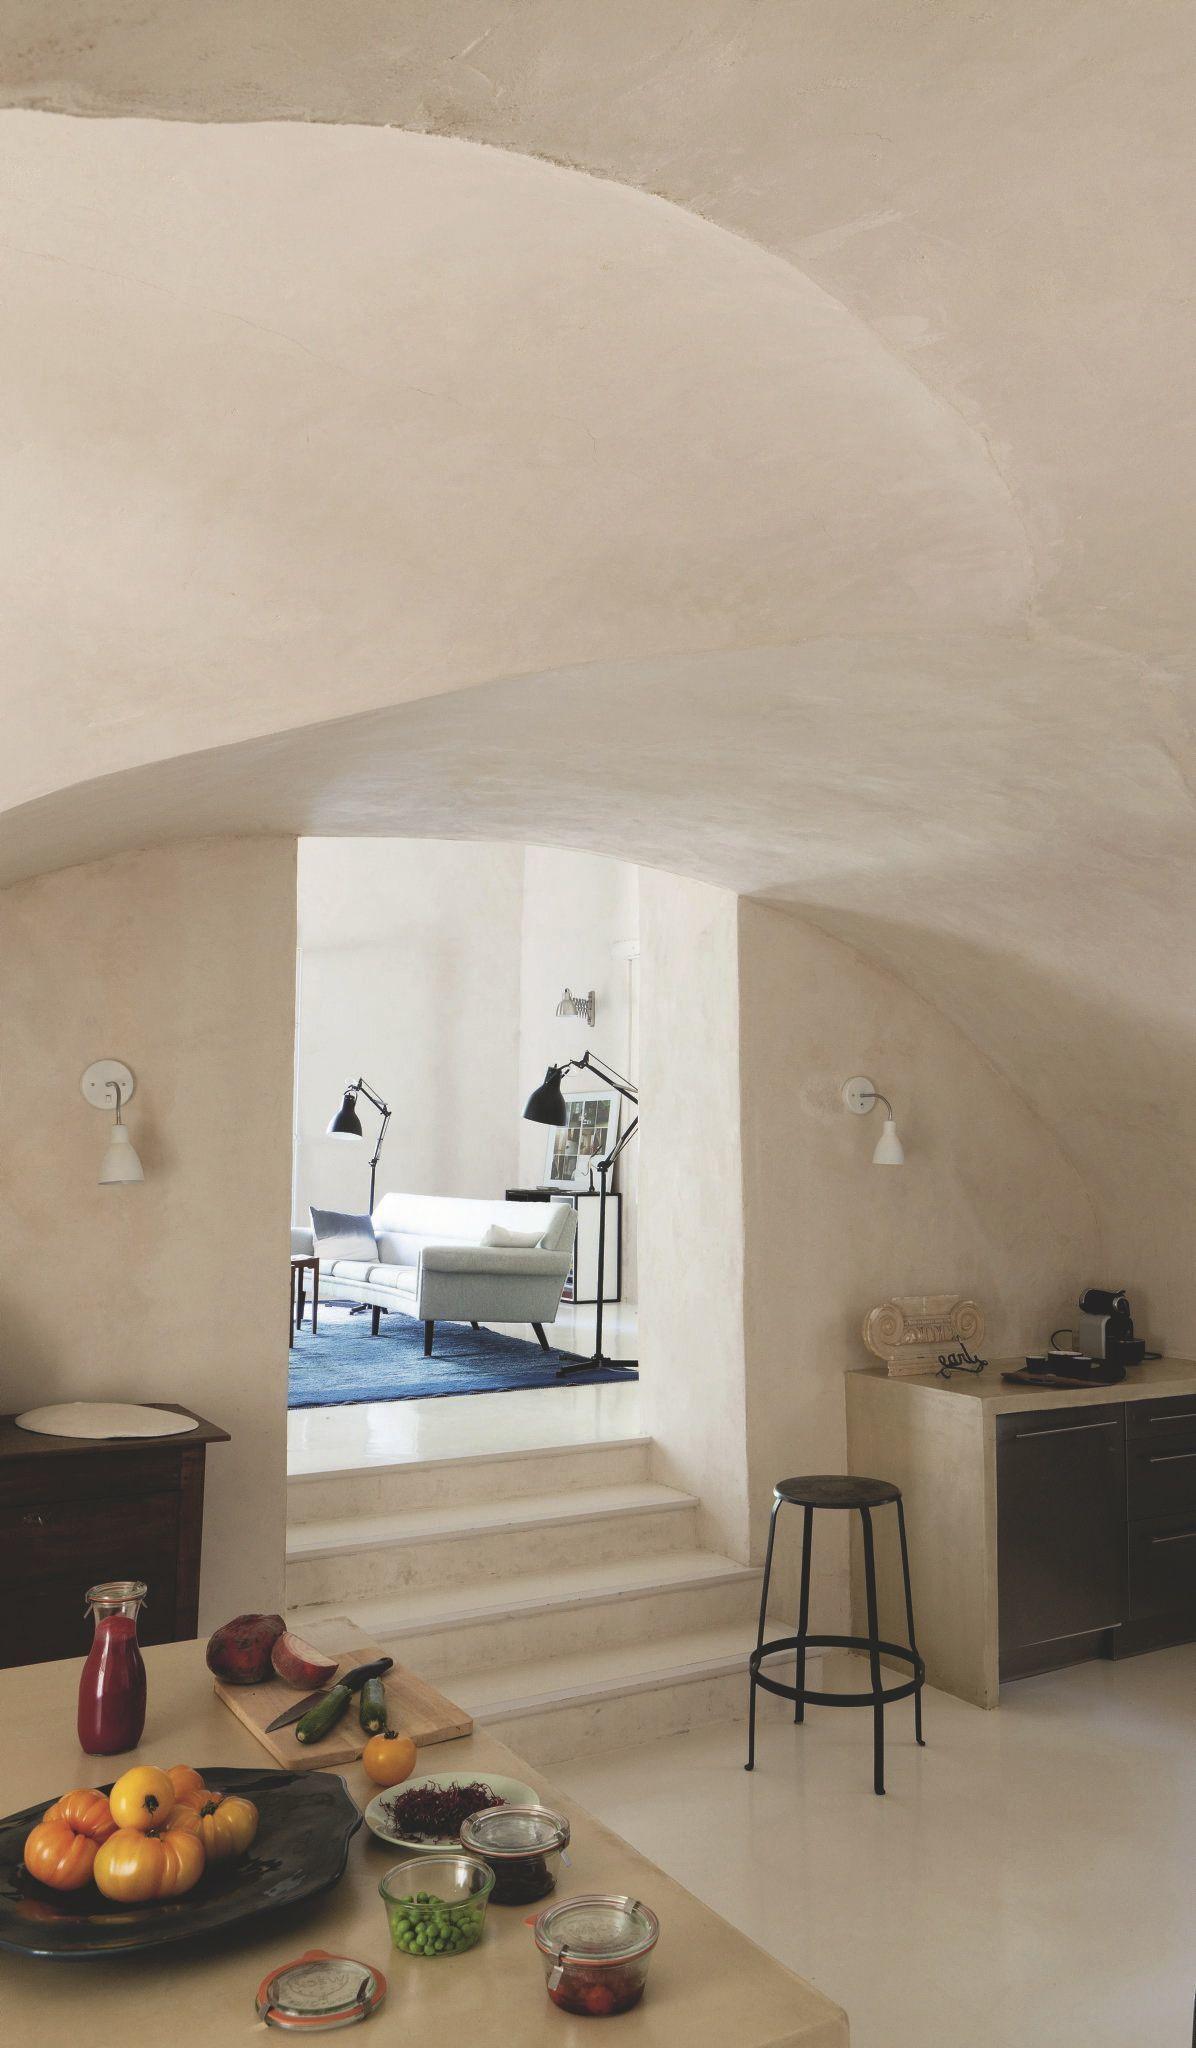 Cuisine Moderne Dans Maison En Pierre: Maison Rénovée Moderne Dans Le Lubéron (avec Images